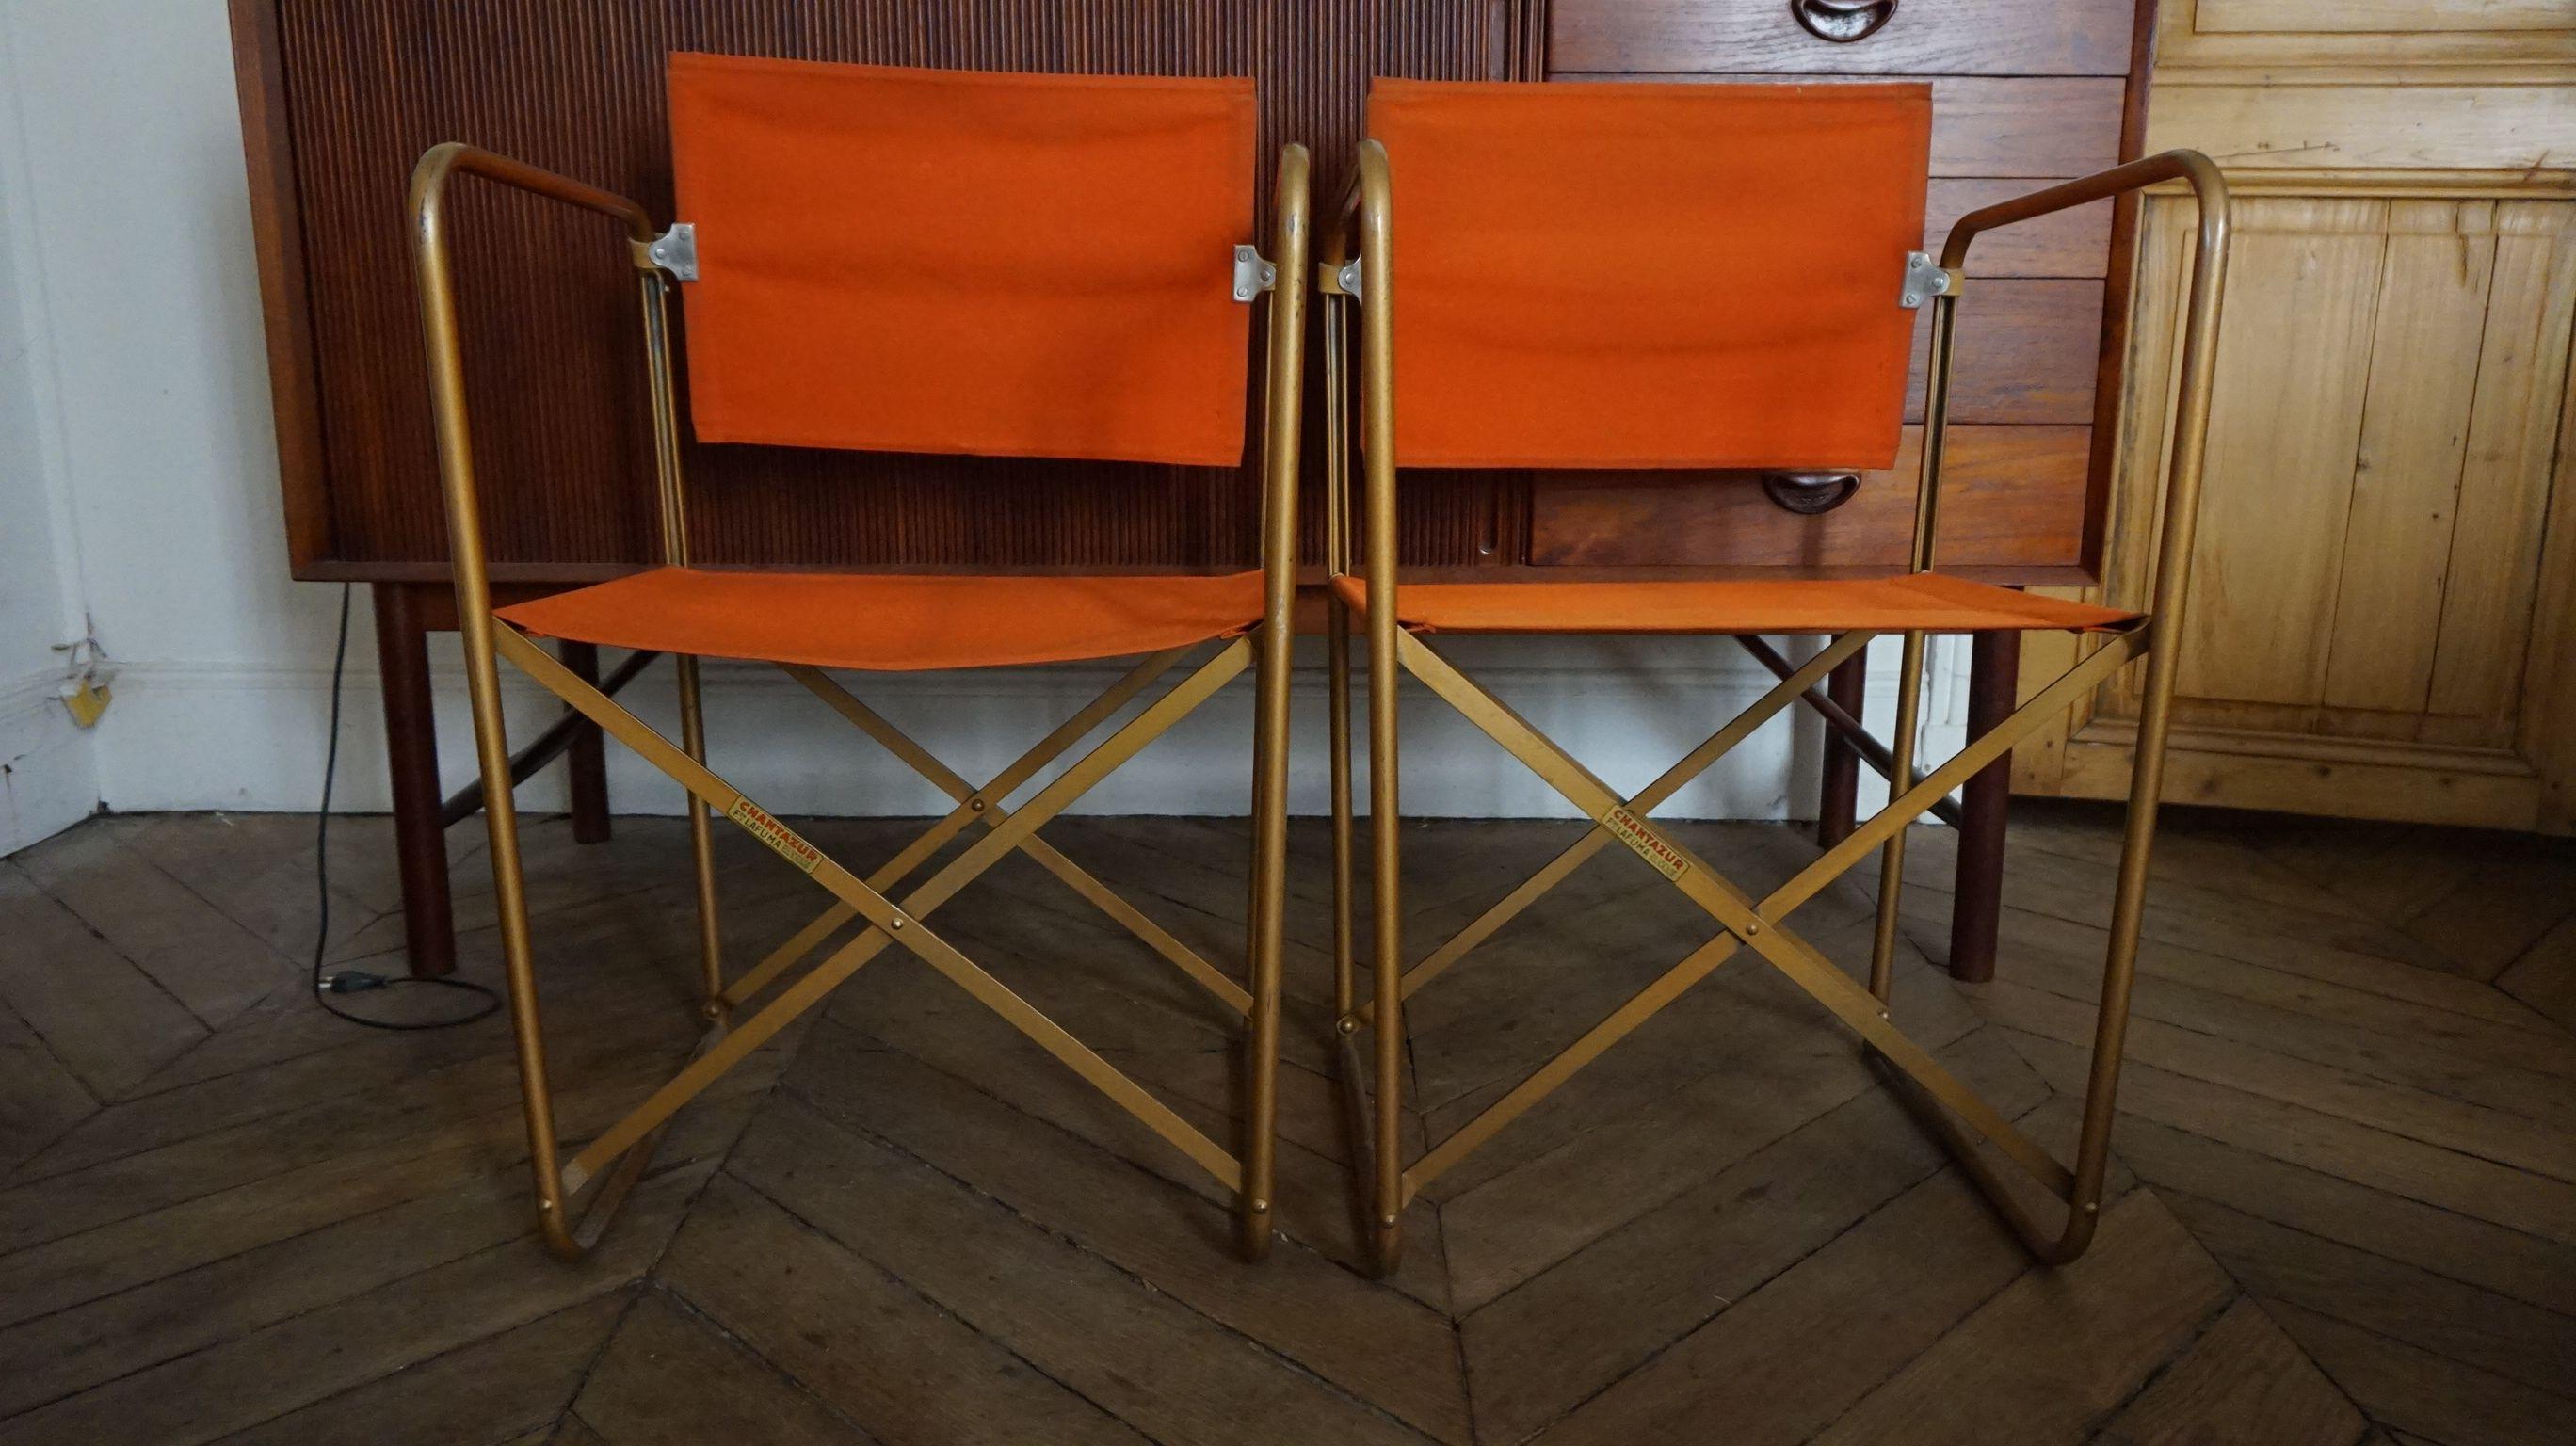 Fauteuils Vintage Chantazur Lafuma 1960 Era Lecorbusier Eames Decor Home Decor Vintage